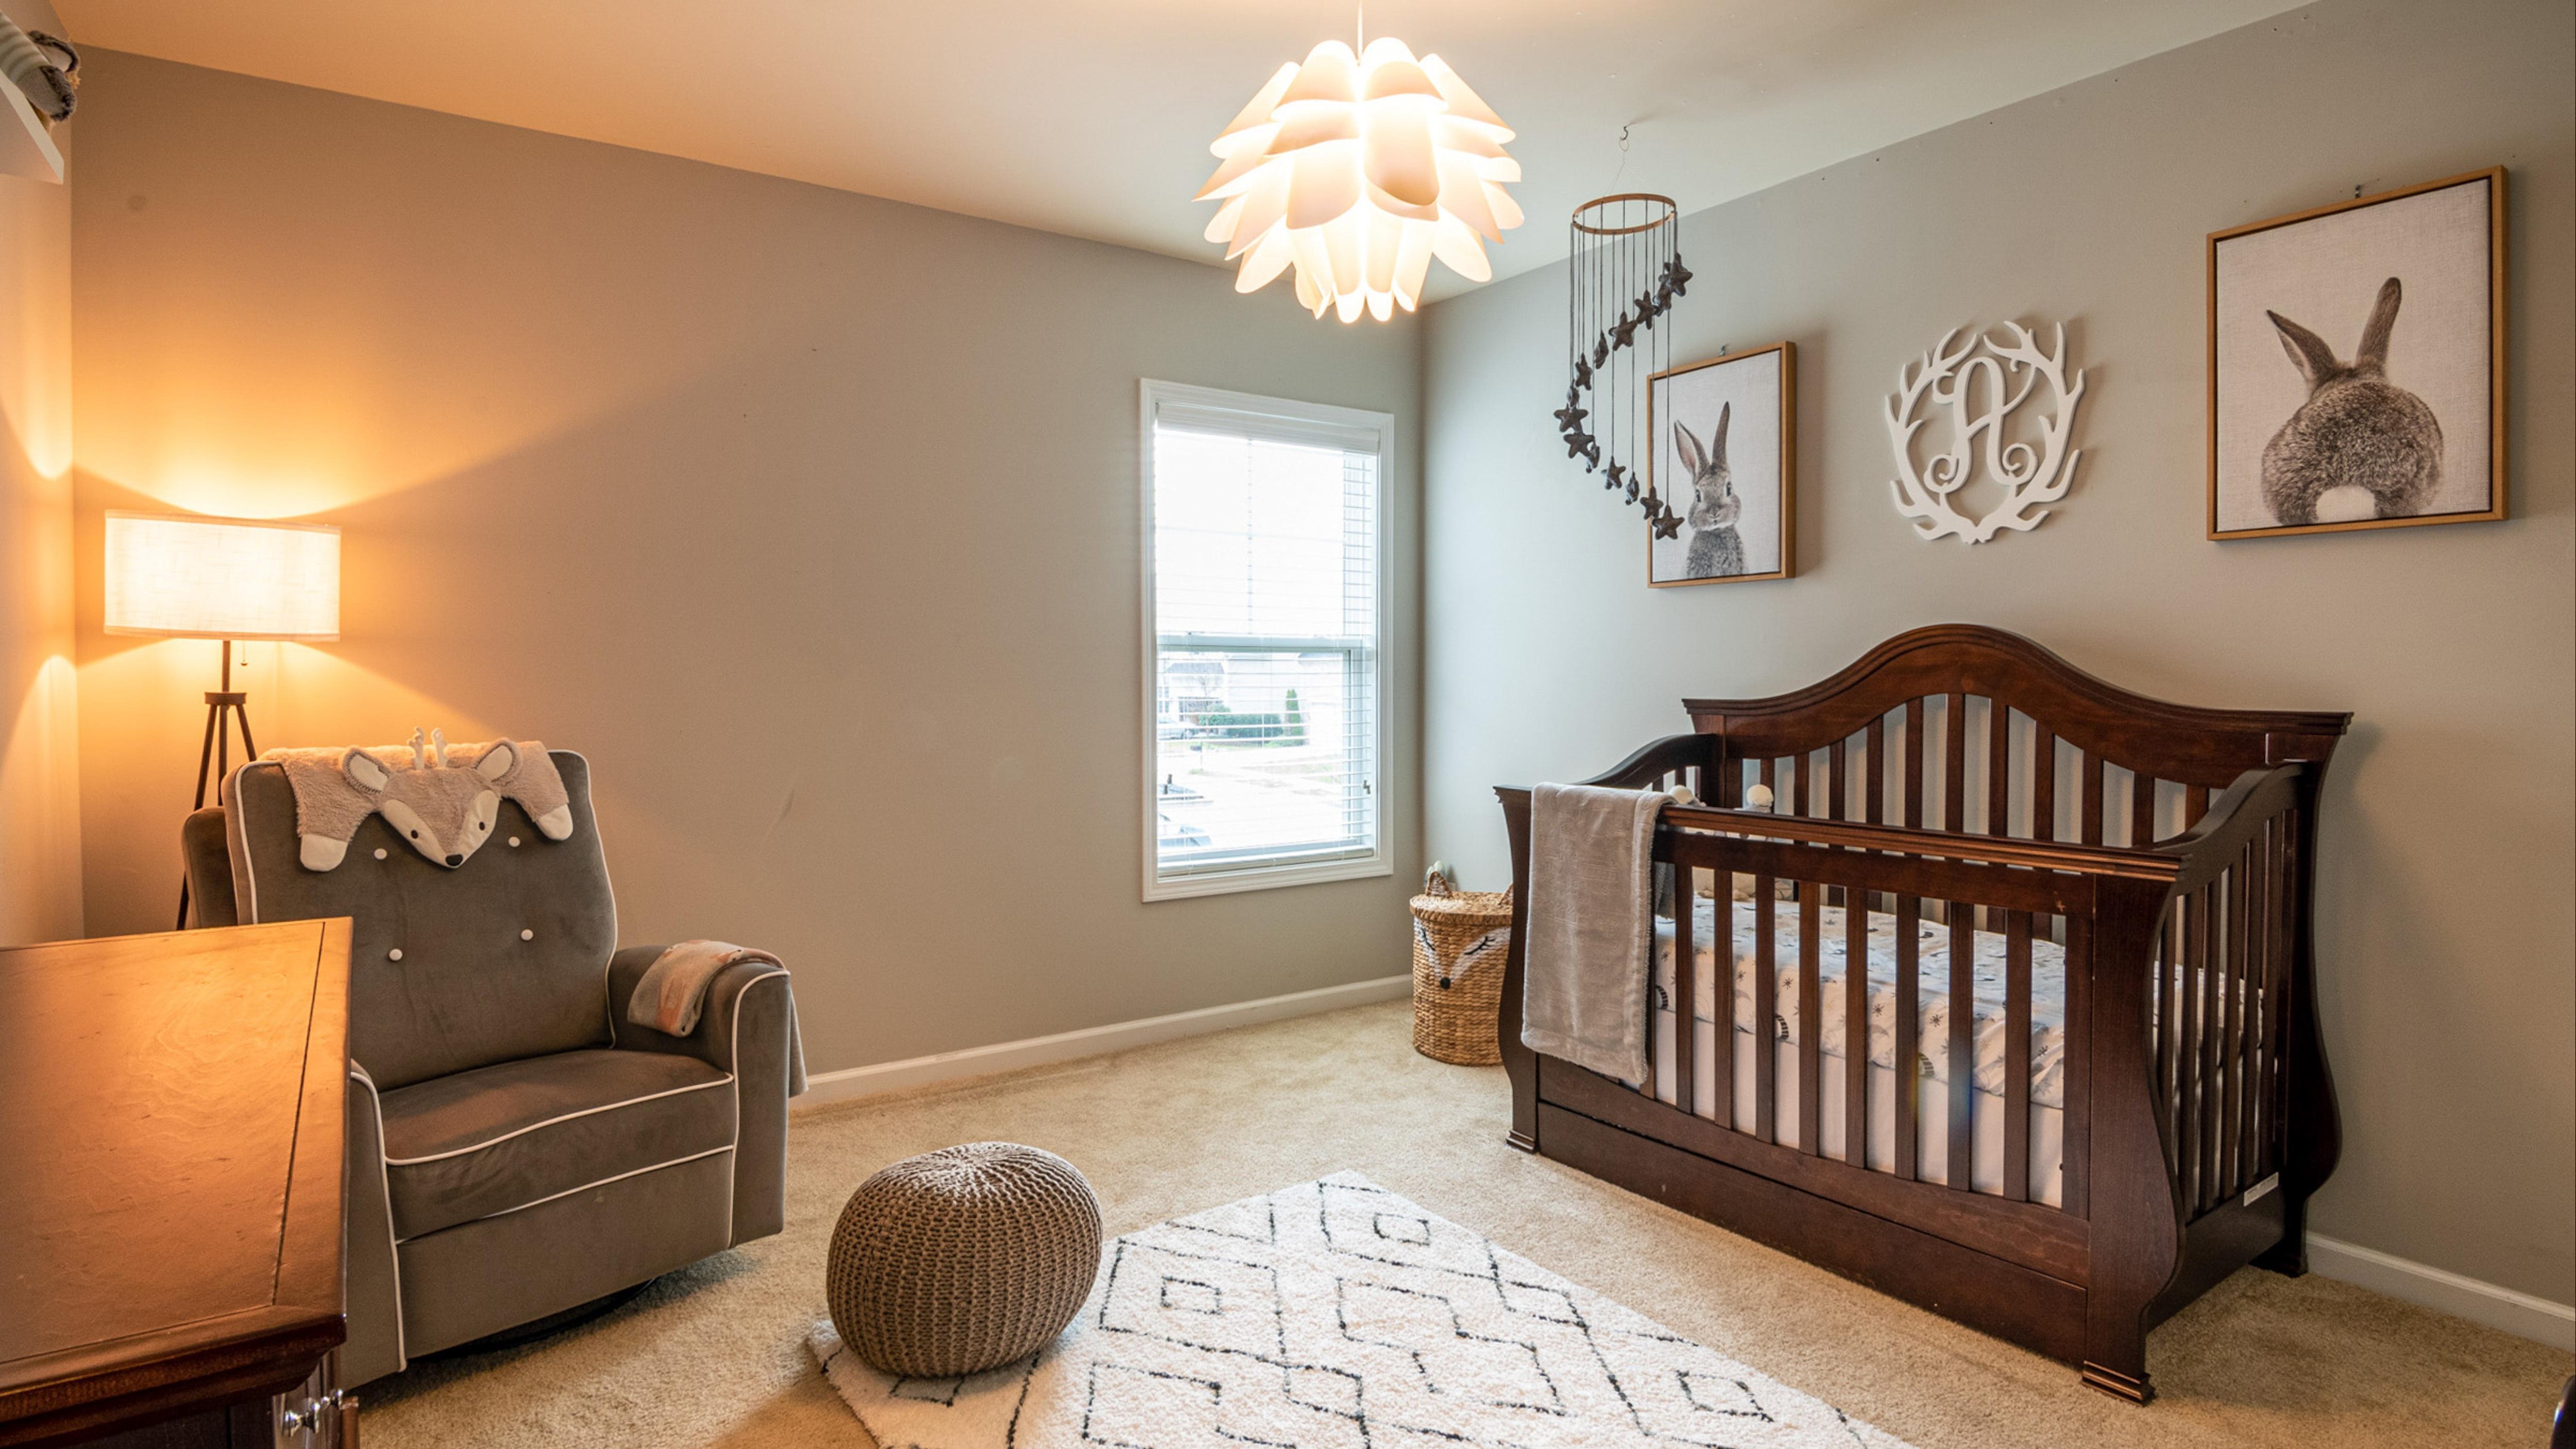 Babyzimmer passend einrichten